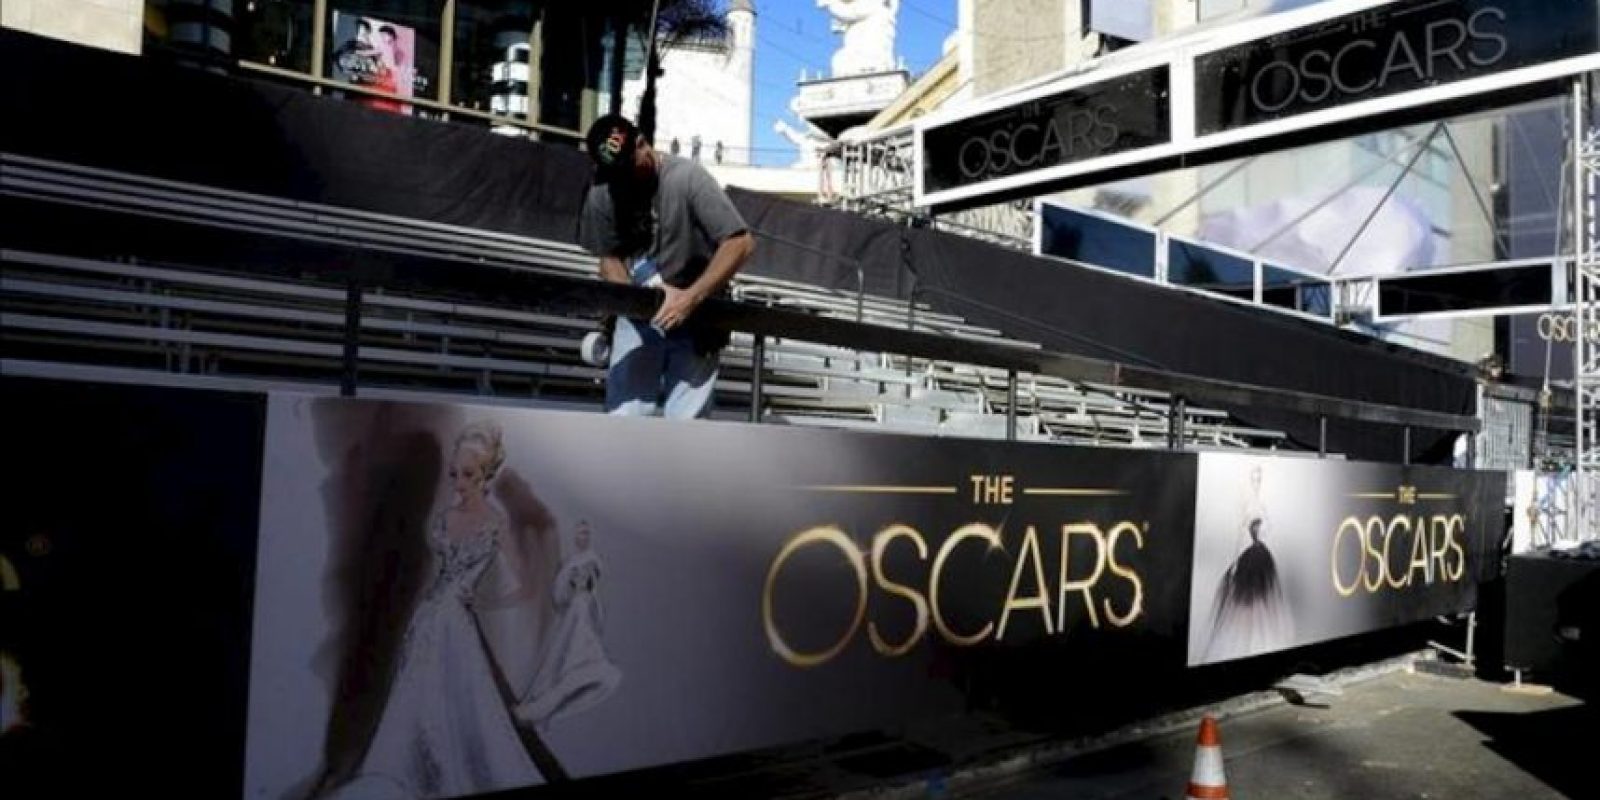 Un operario durante una jornada de preparación para la 85 edición de los Óscar en el teatro Dolby de Hollywood, California. EFE